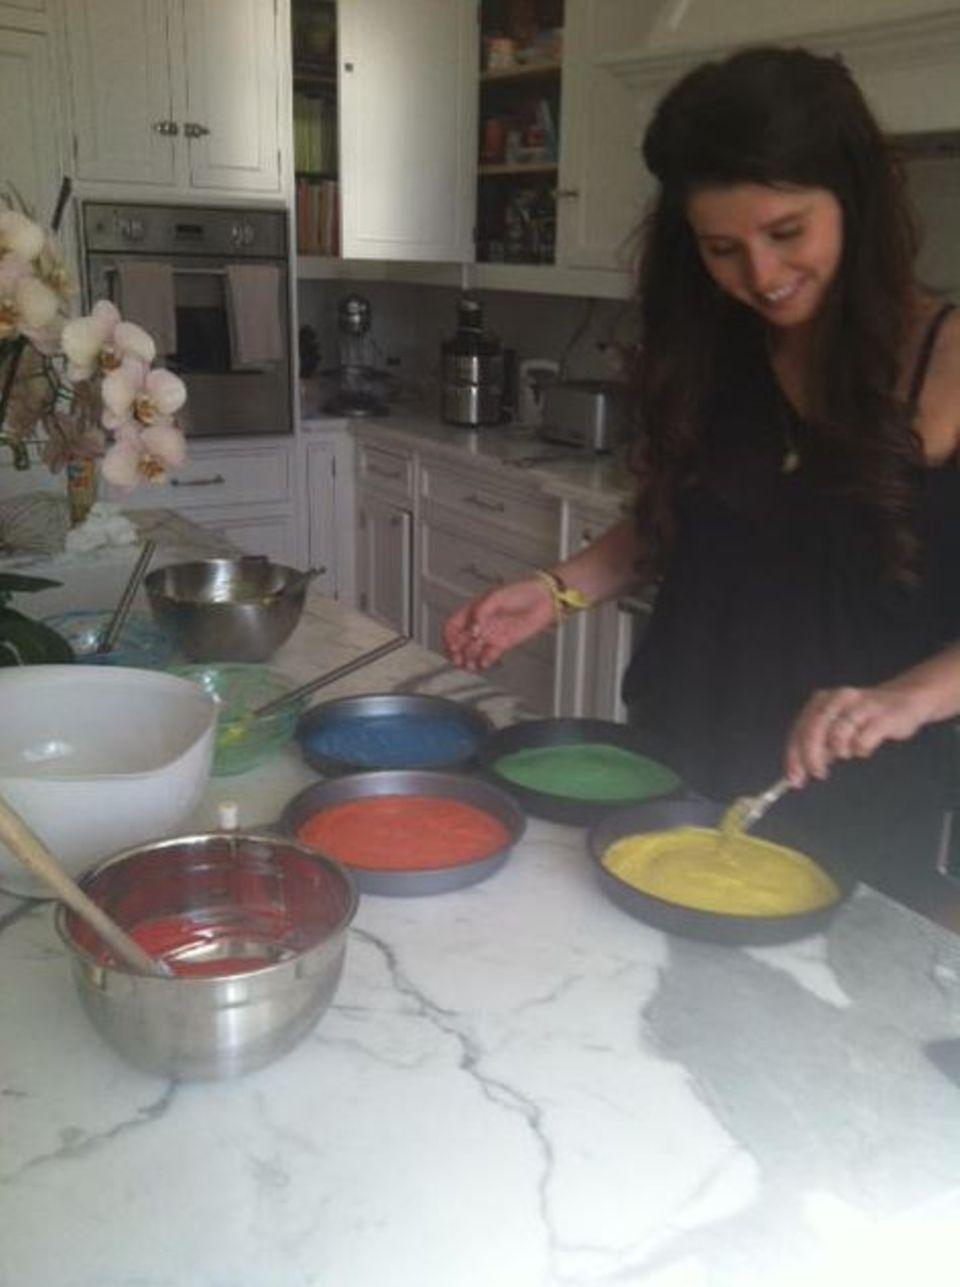 Maria Shriver twittert ein Bild von Tochter Katherine, die einen Regenbogenkuchen backt.